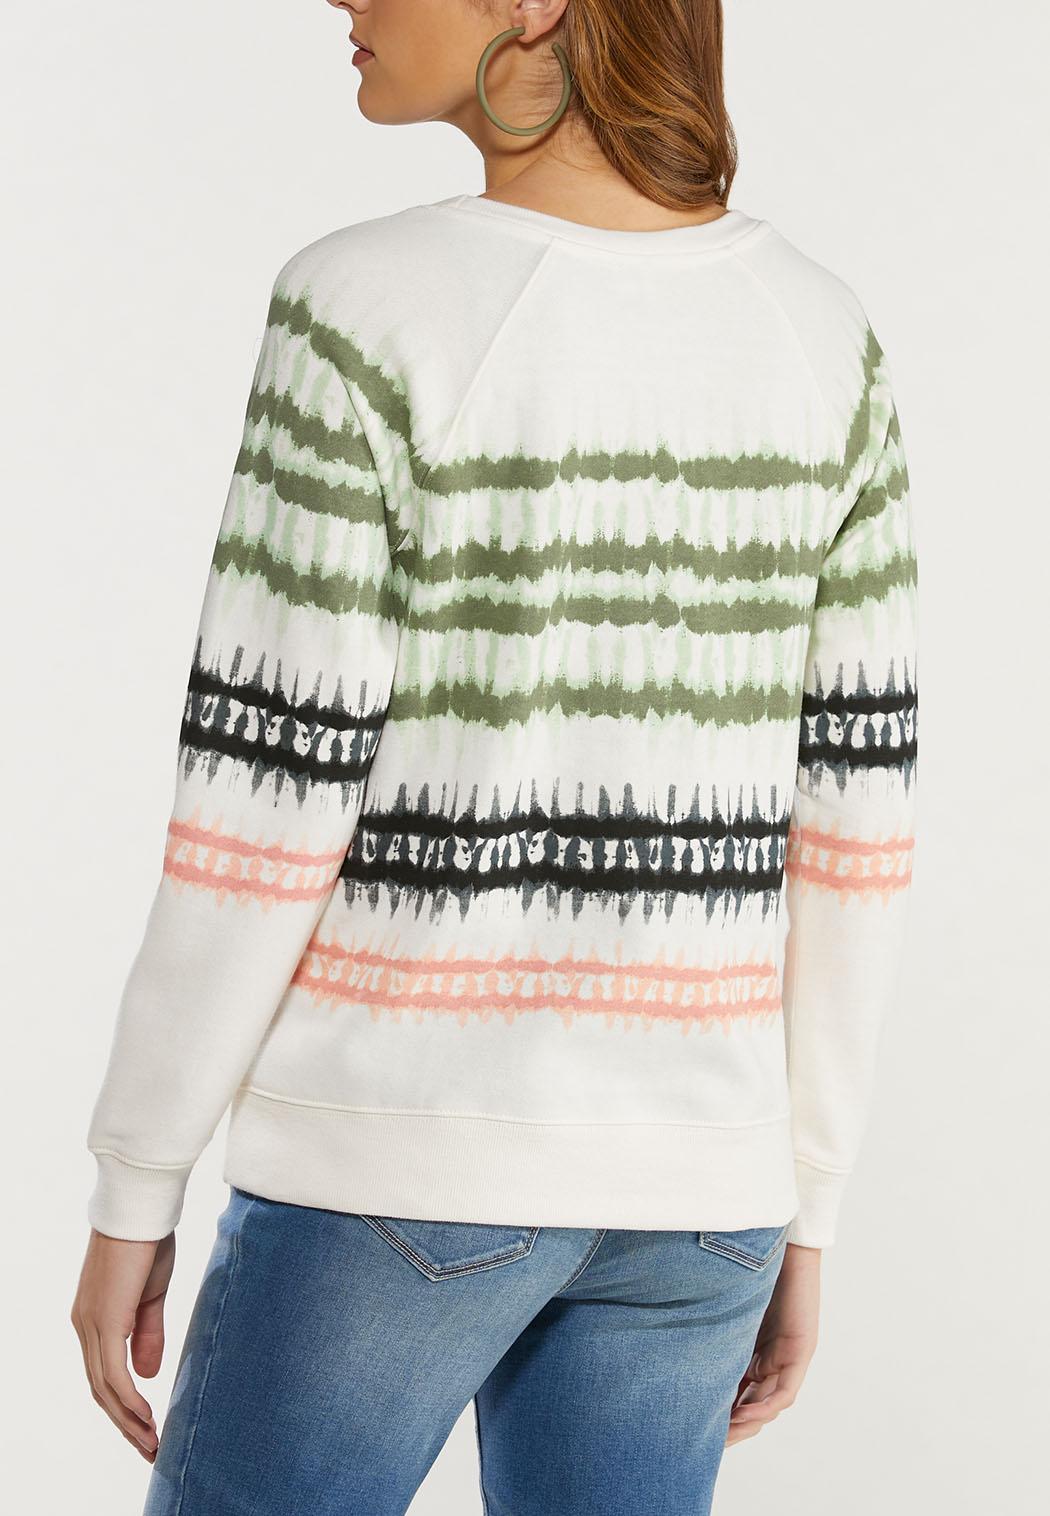 Plus Size Tie Dye Sweatshirt (Item #44502056)